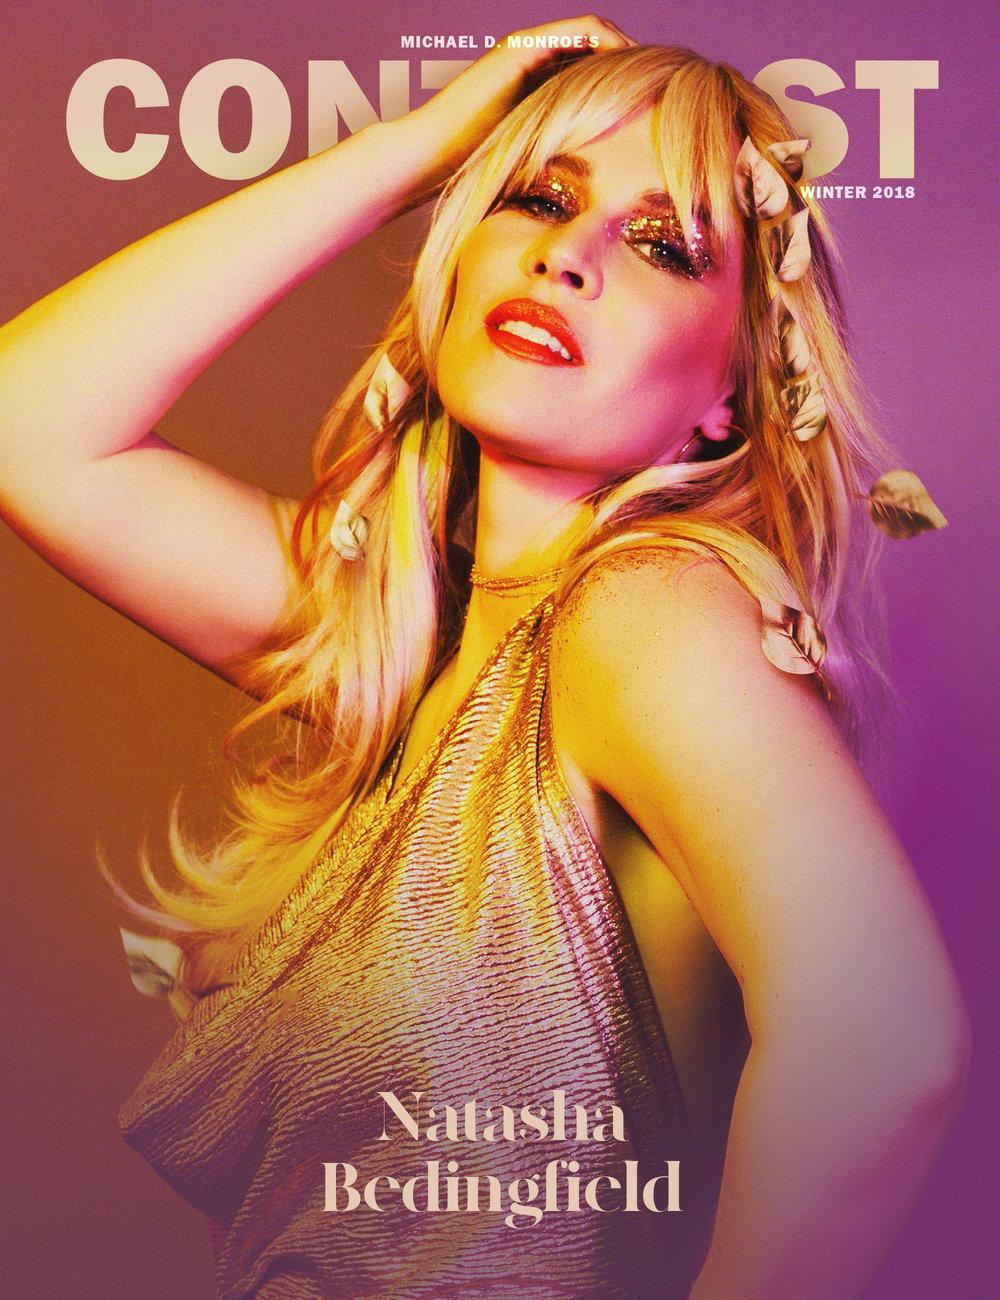 Image of Issue 5 - Natasha Bedingfield